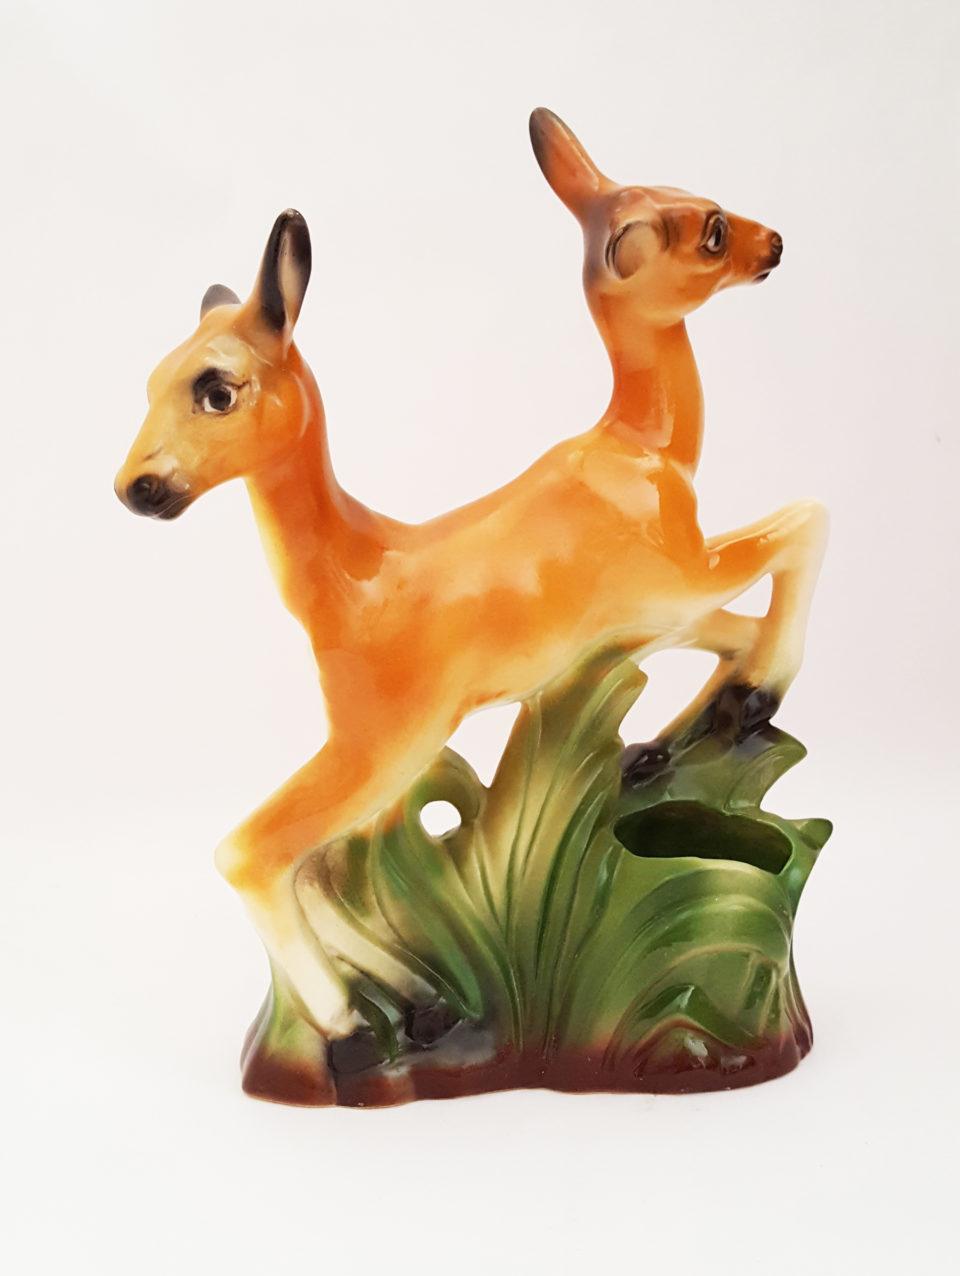 Les-figurines-d-animaux-surrealistes-de-Debra-Broz-5-biche.jpg